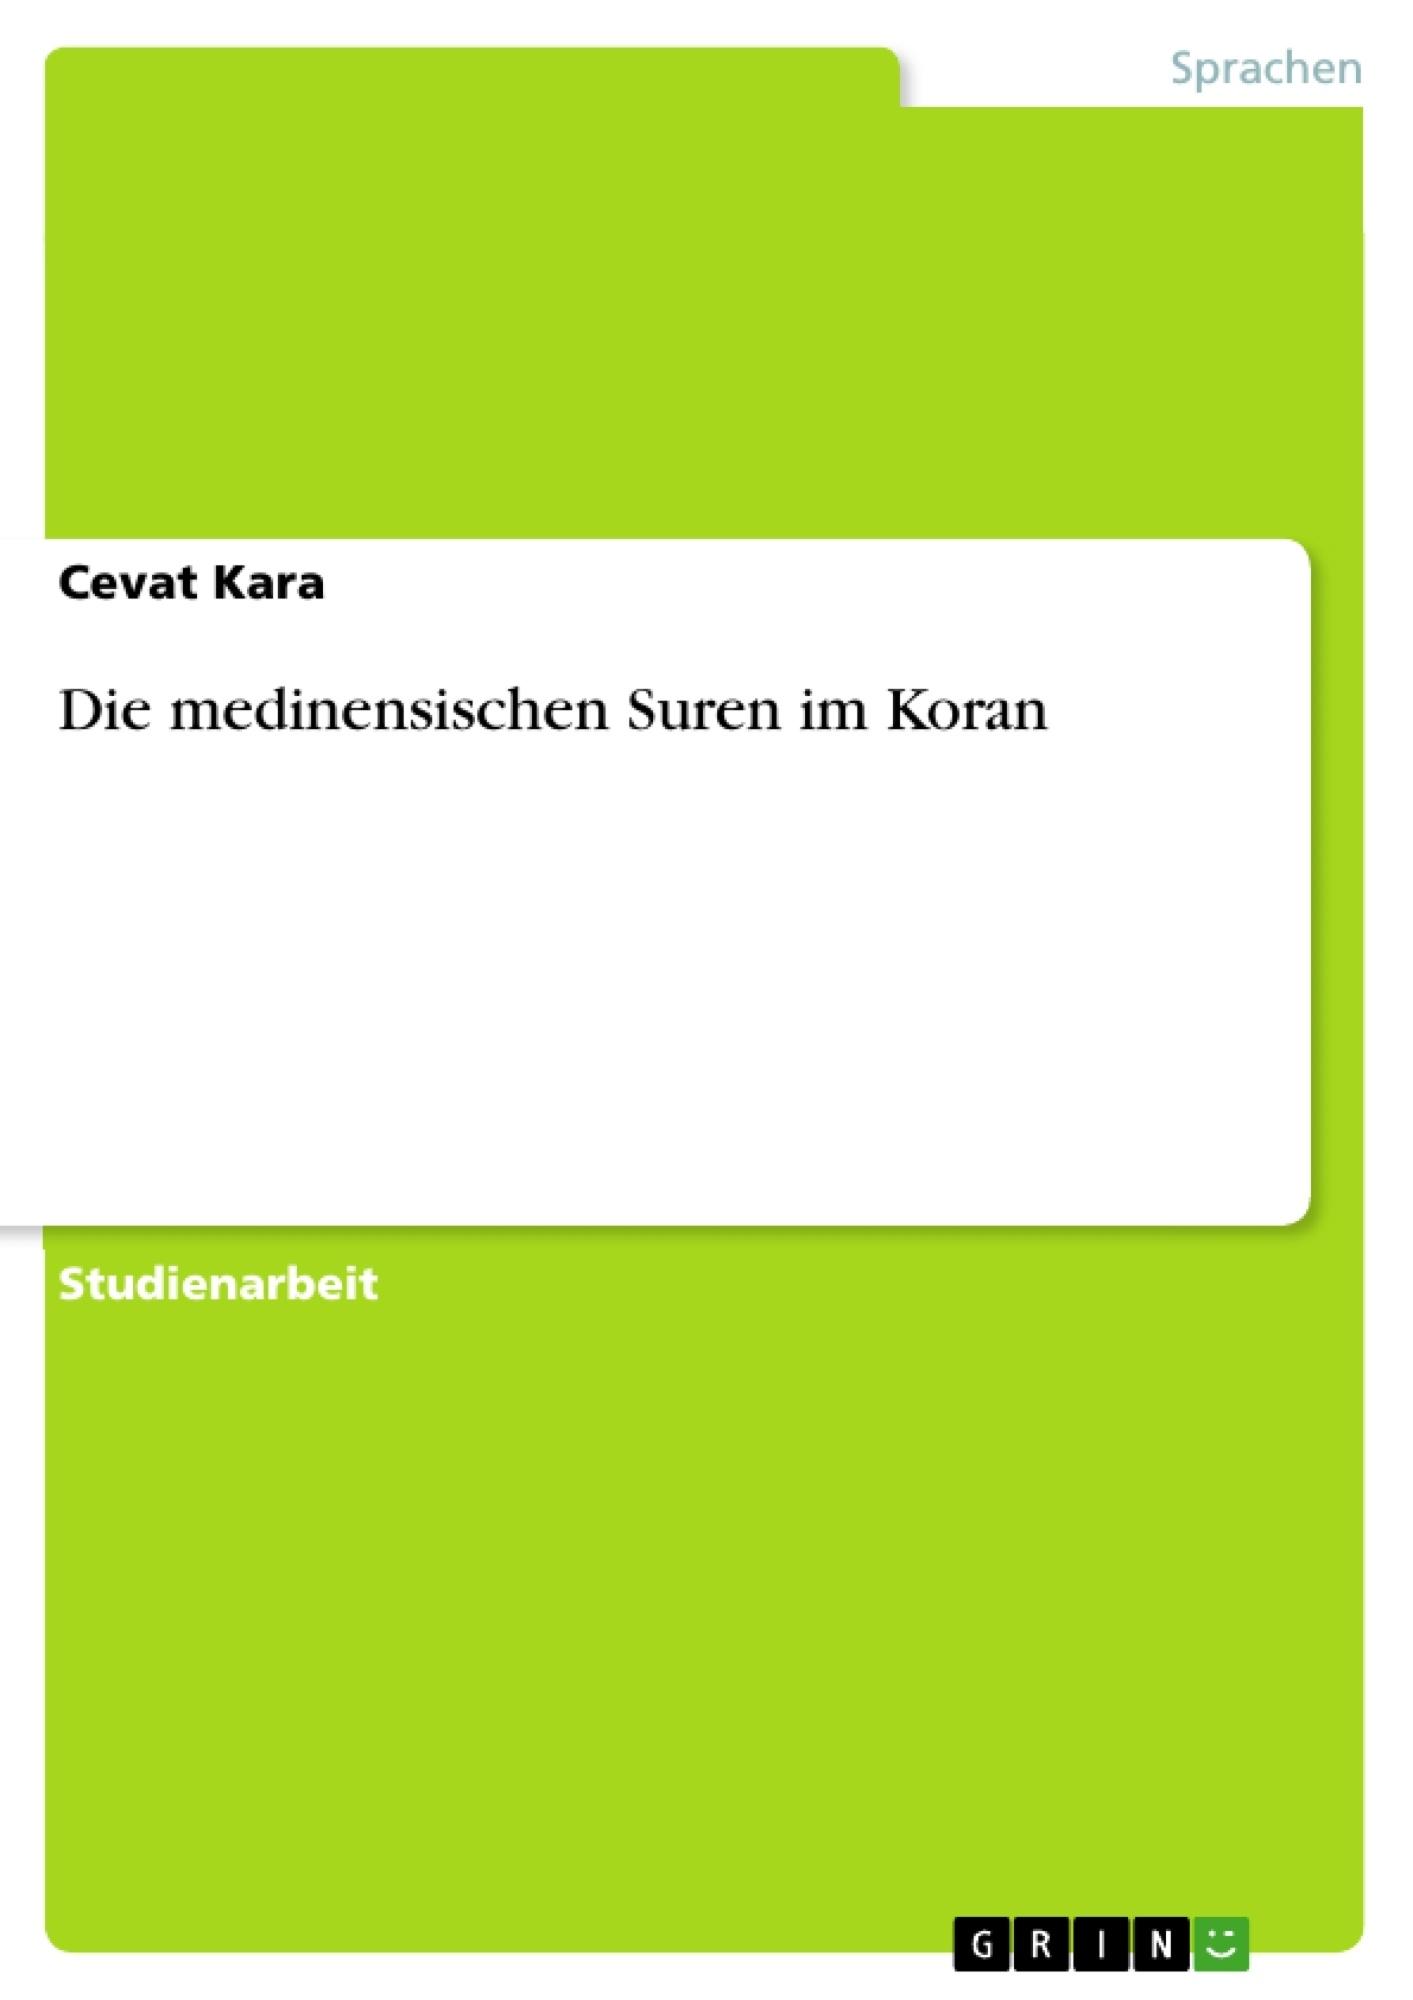 Titel: Die medinensischen Suren im Koran